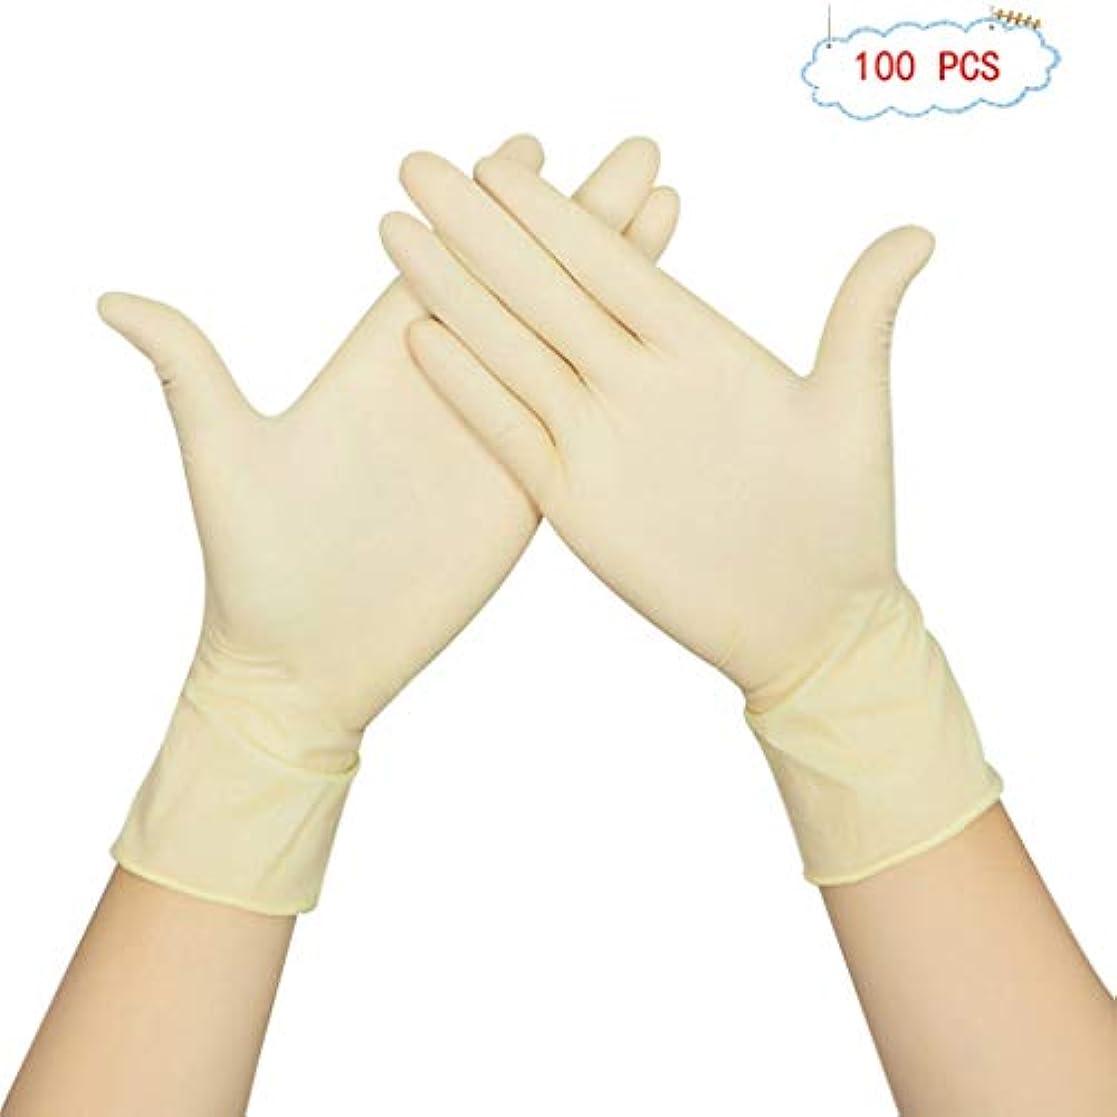 箱入り使い捨てラテックス手袋パウダーフリーゴム滑り止めの病院のために労働保険のプロフェッショナルグレードのクリーニング (Color : 9 inch, Size : M)